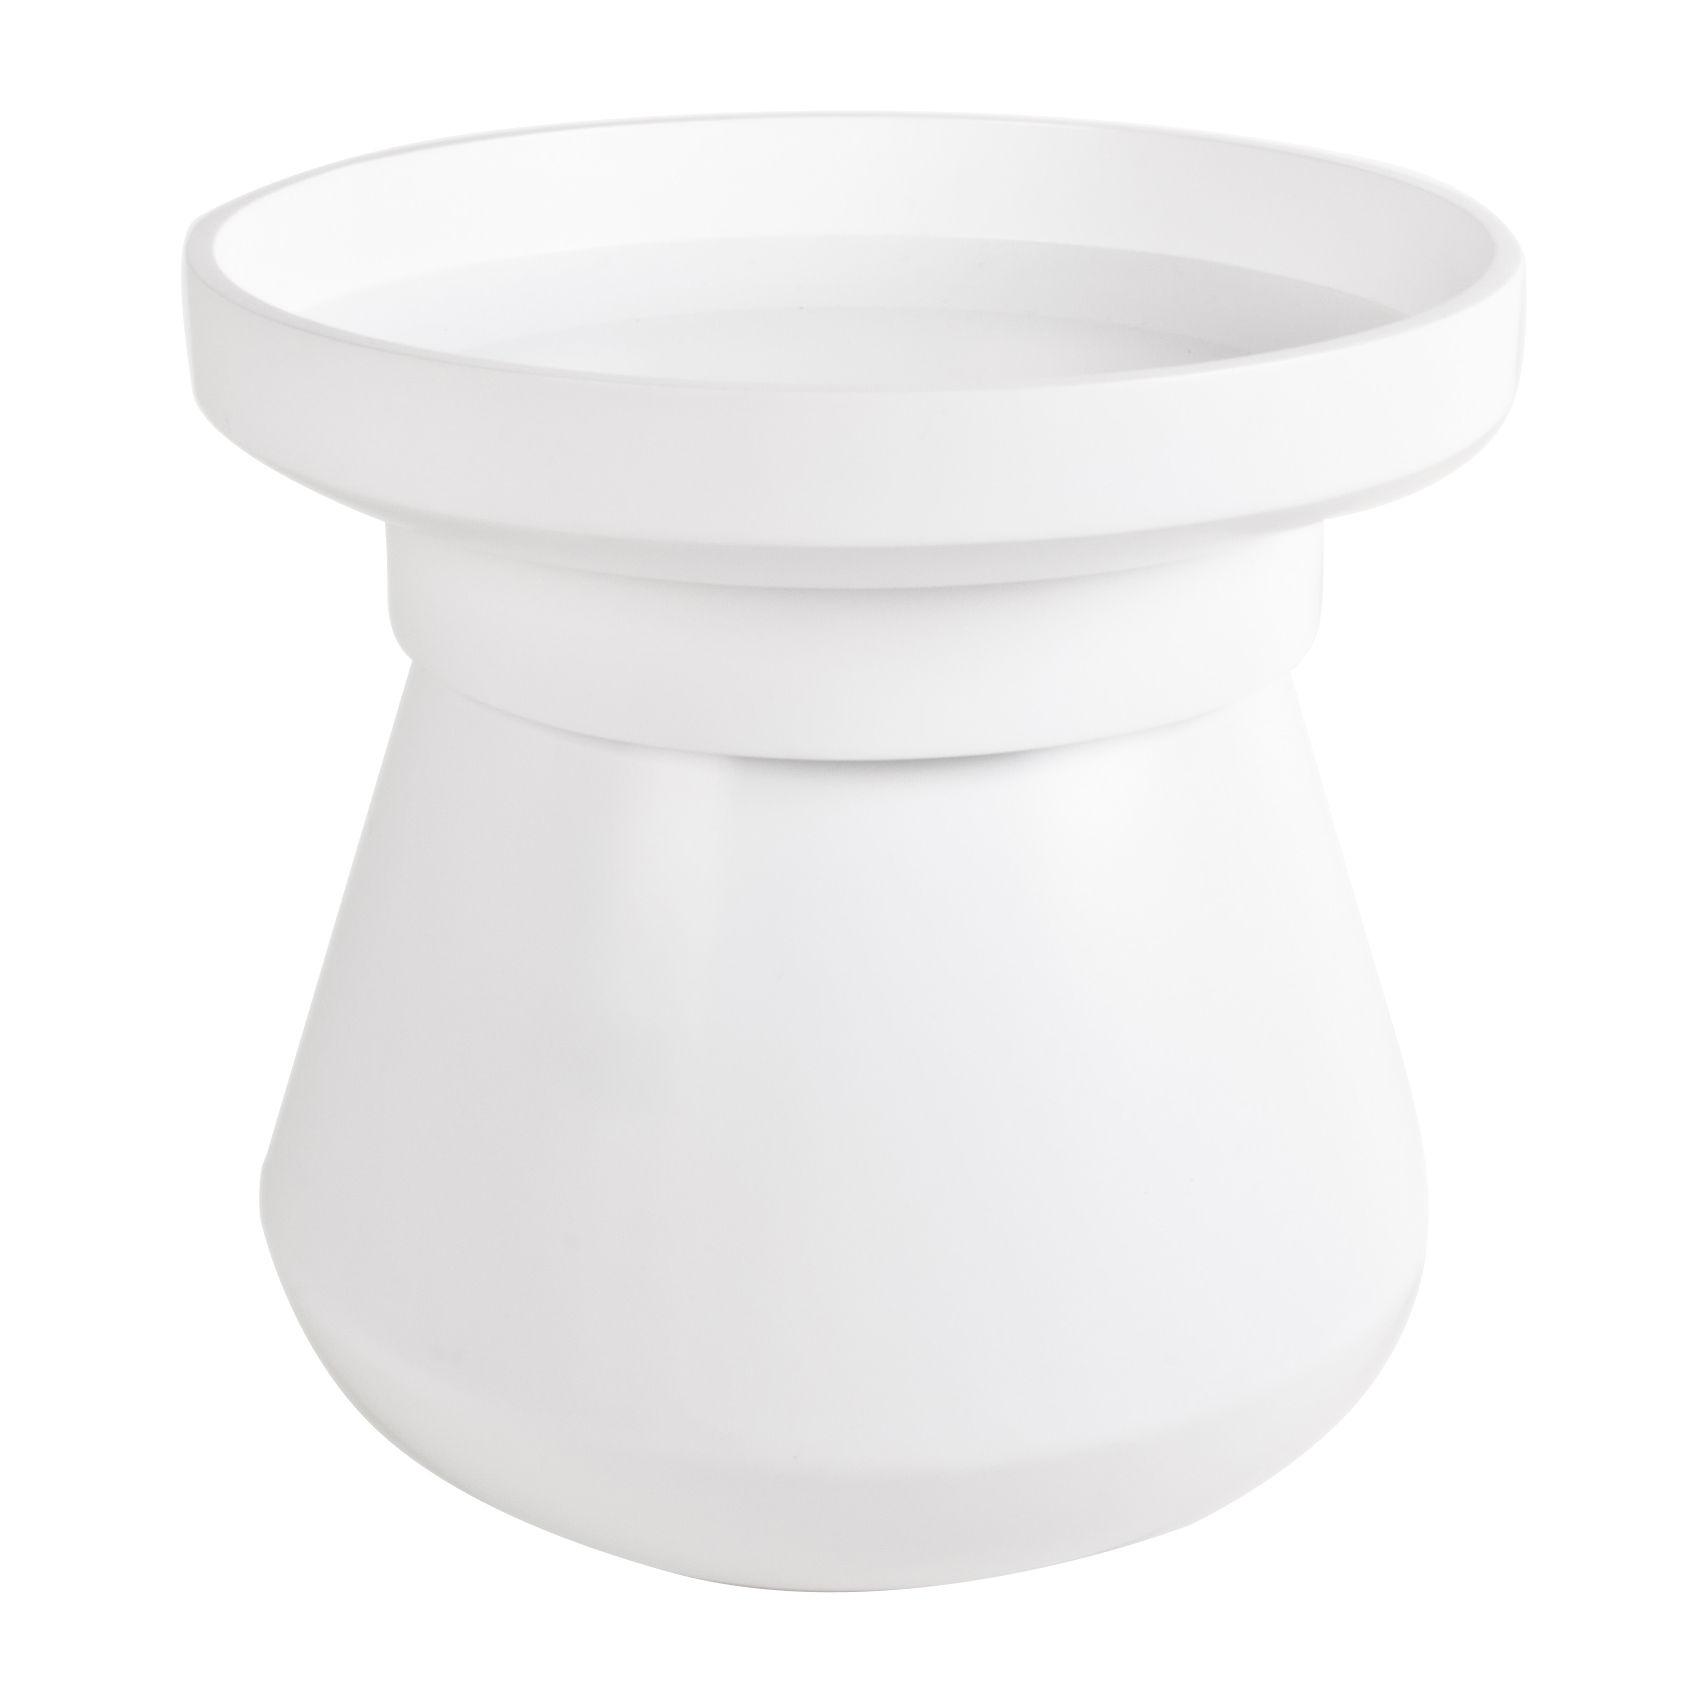 Mobilier - Tables basses - Table basse Pado / Coffre - Ø 40 x H 41 cm - Plateau amovible - XL Boom - Blanc - Bambou peint, MDF peint